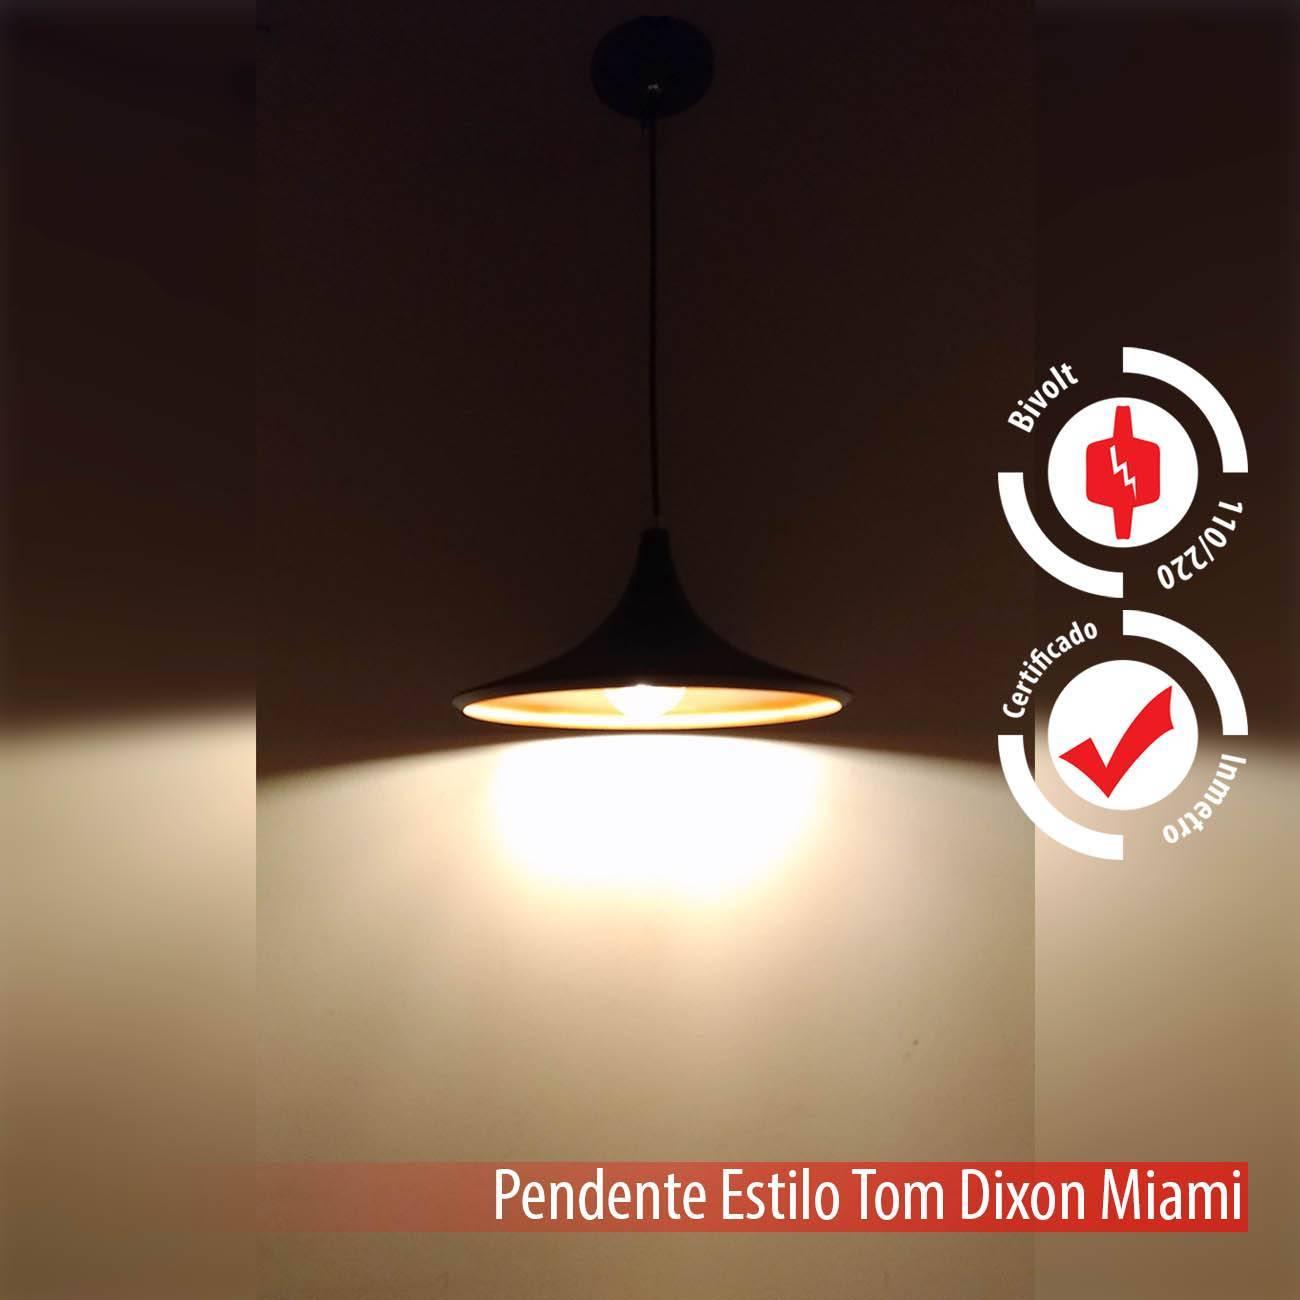 Pendente Tom Dixon Preto E Cobre Miami Alumínio E27 - LCGELETRO